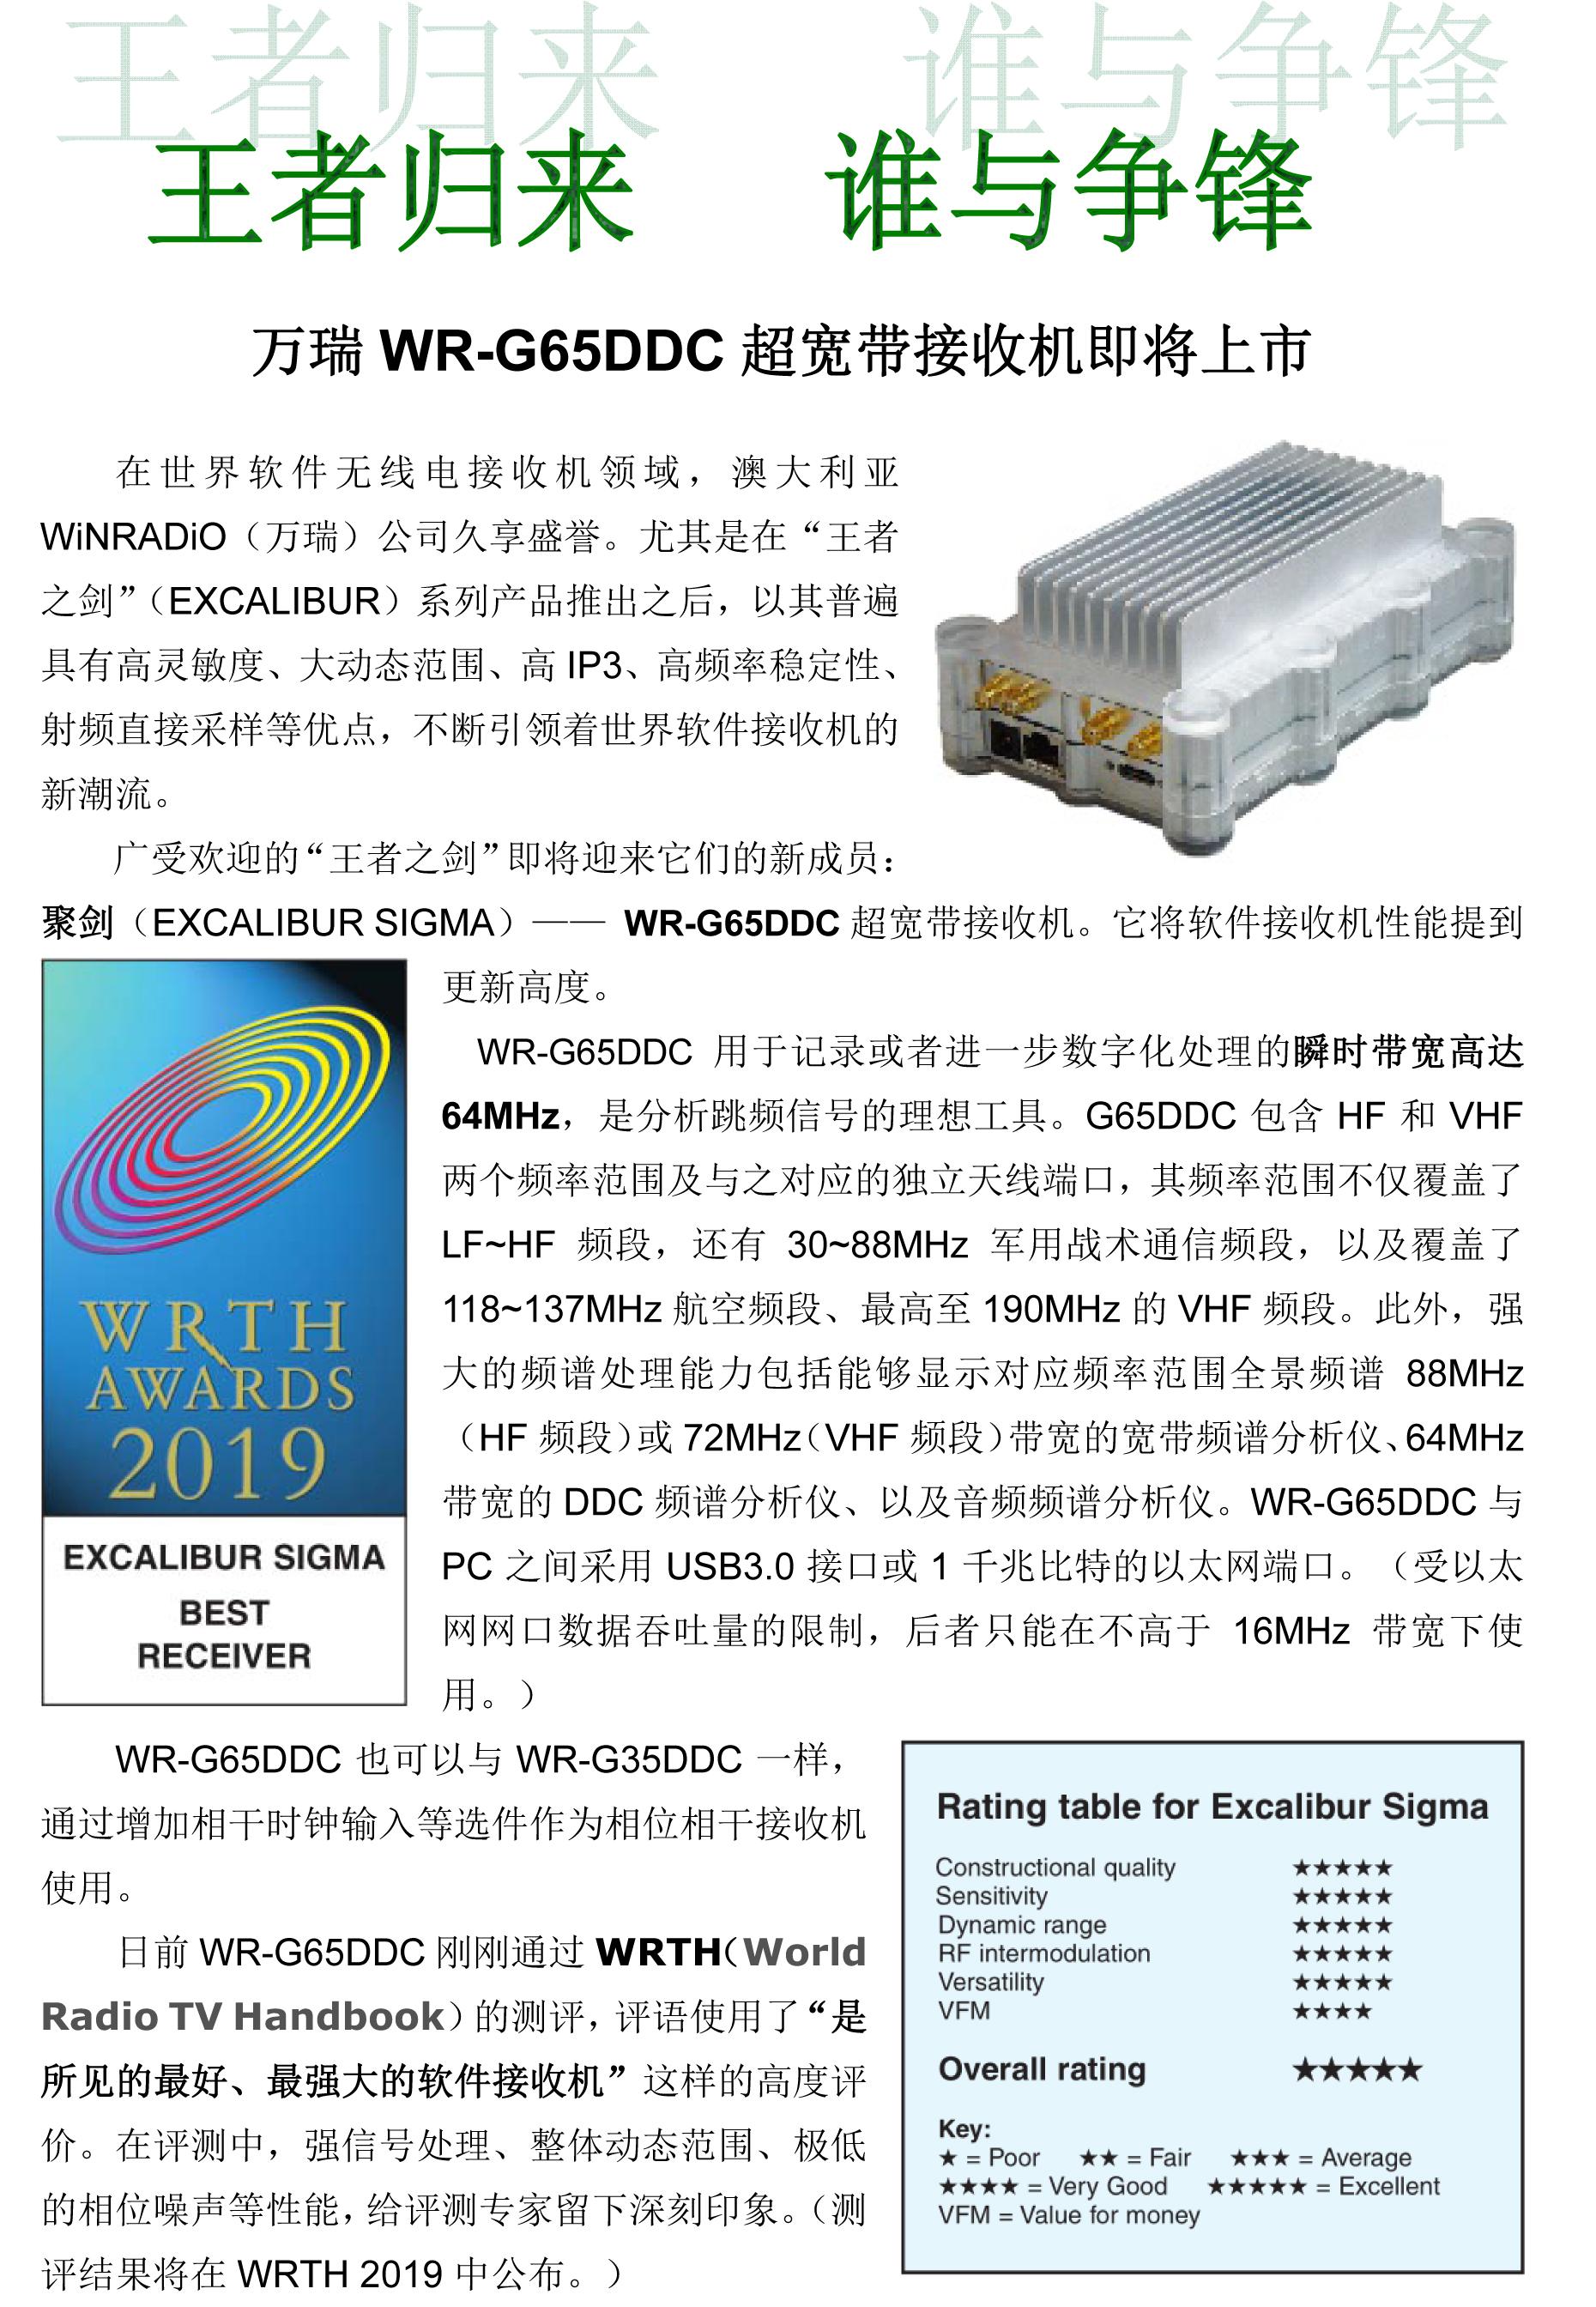 万瑞WR-G65DDC超宽带接收机即将上市